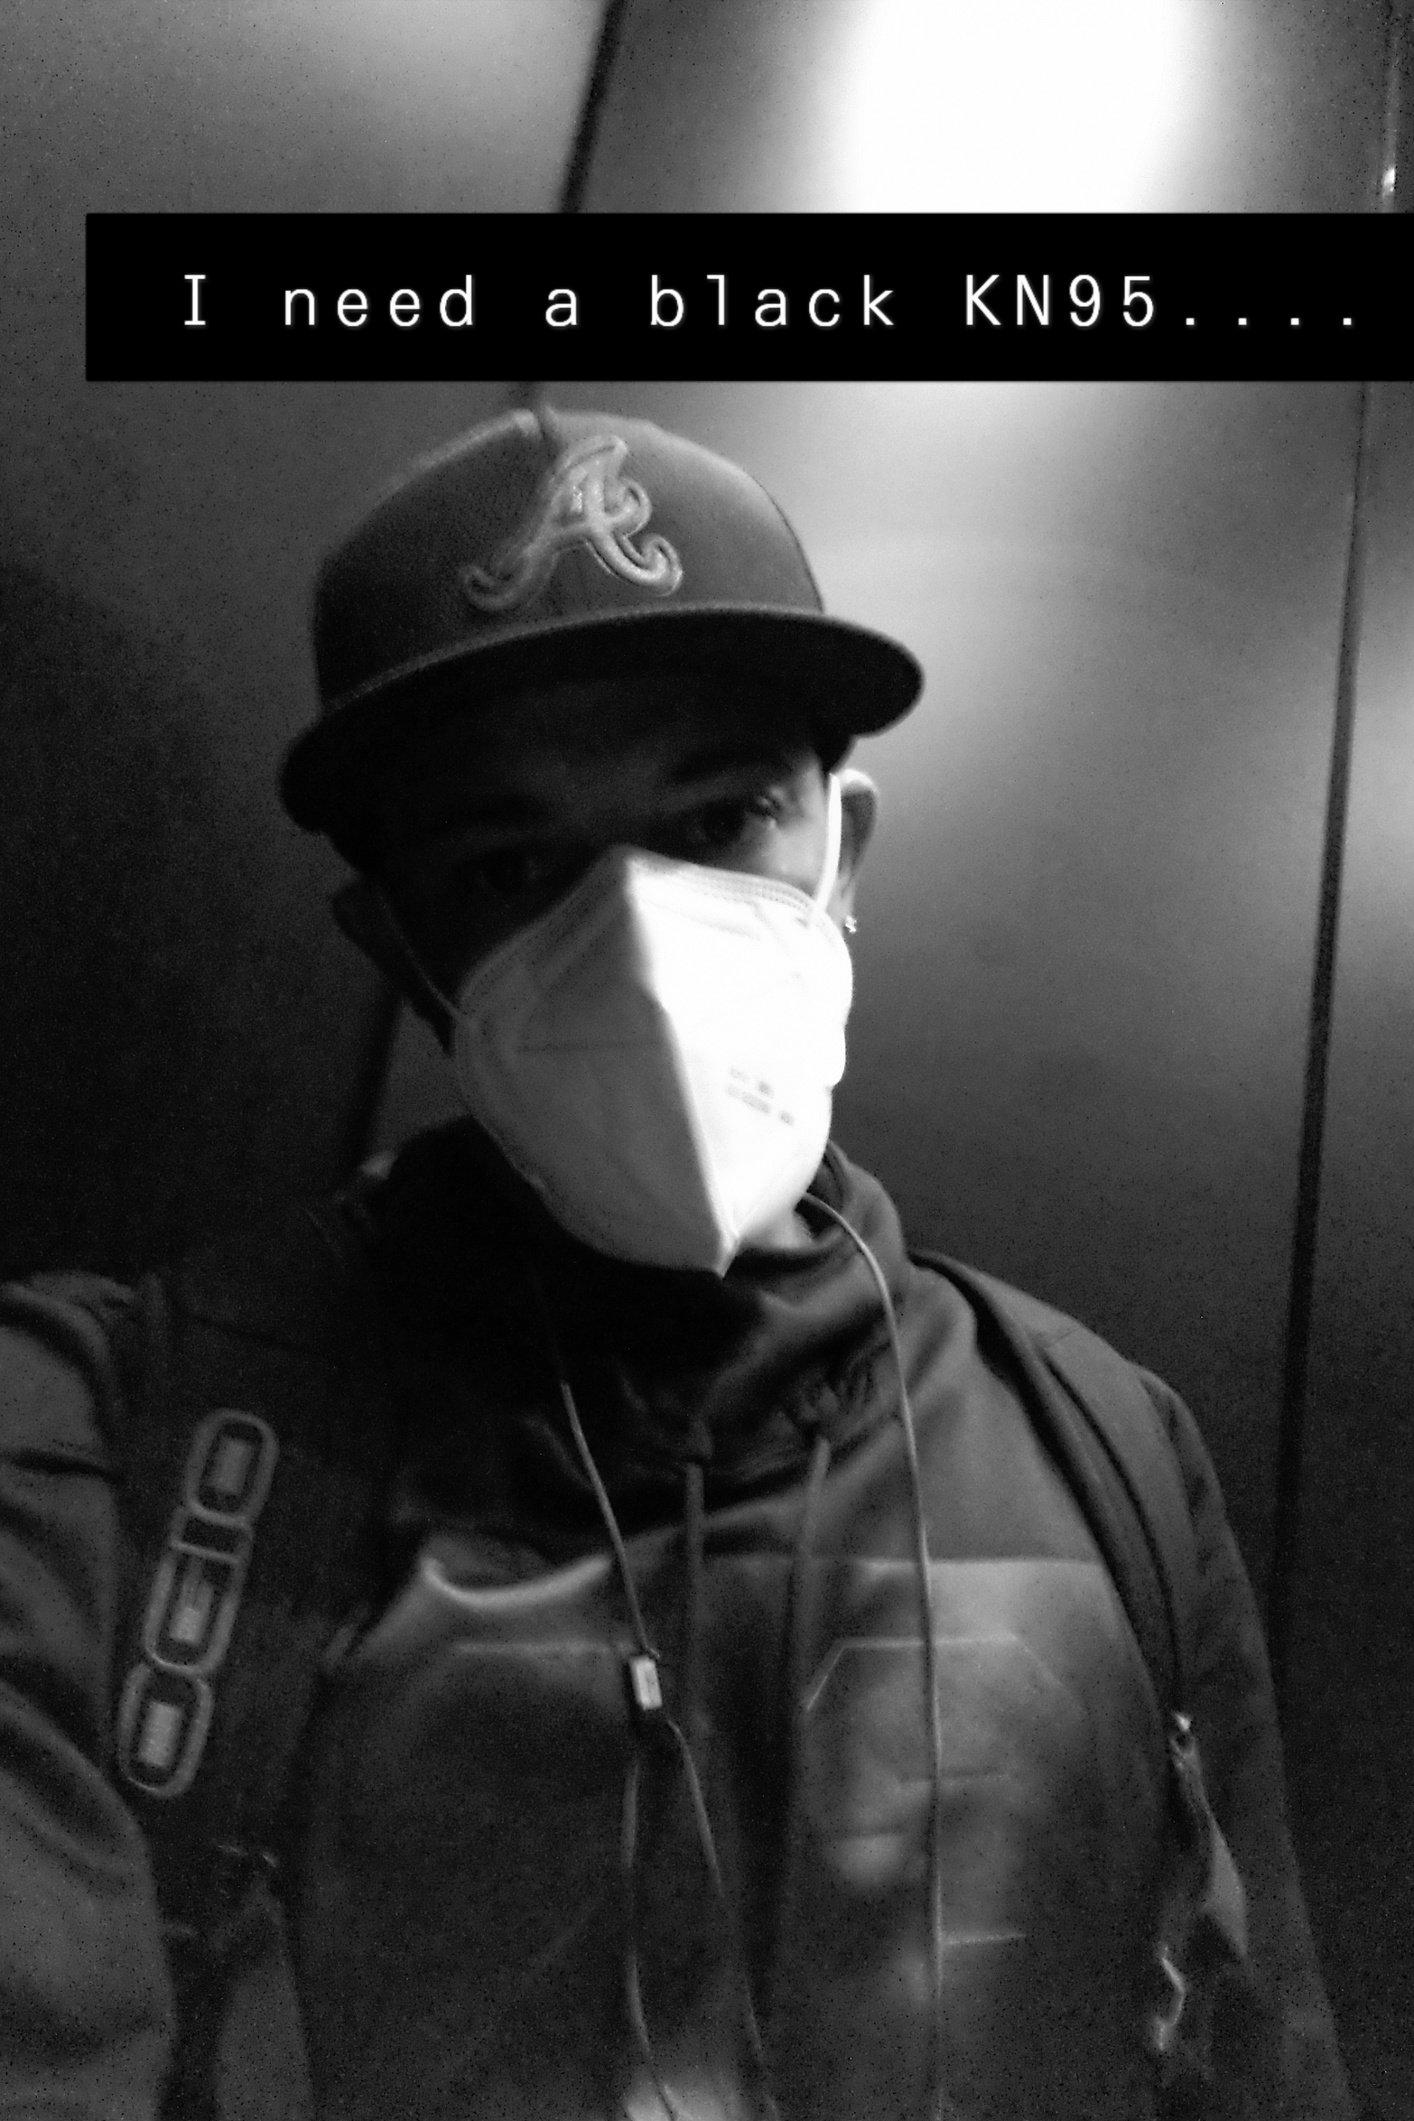 Snapchat-216601123.jpg